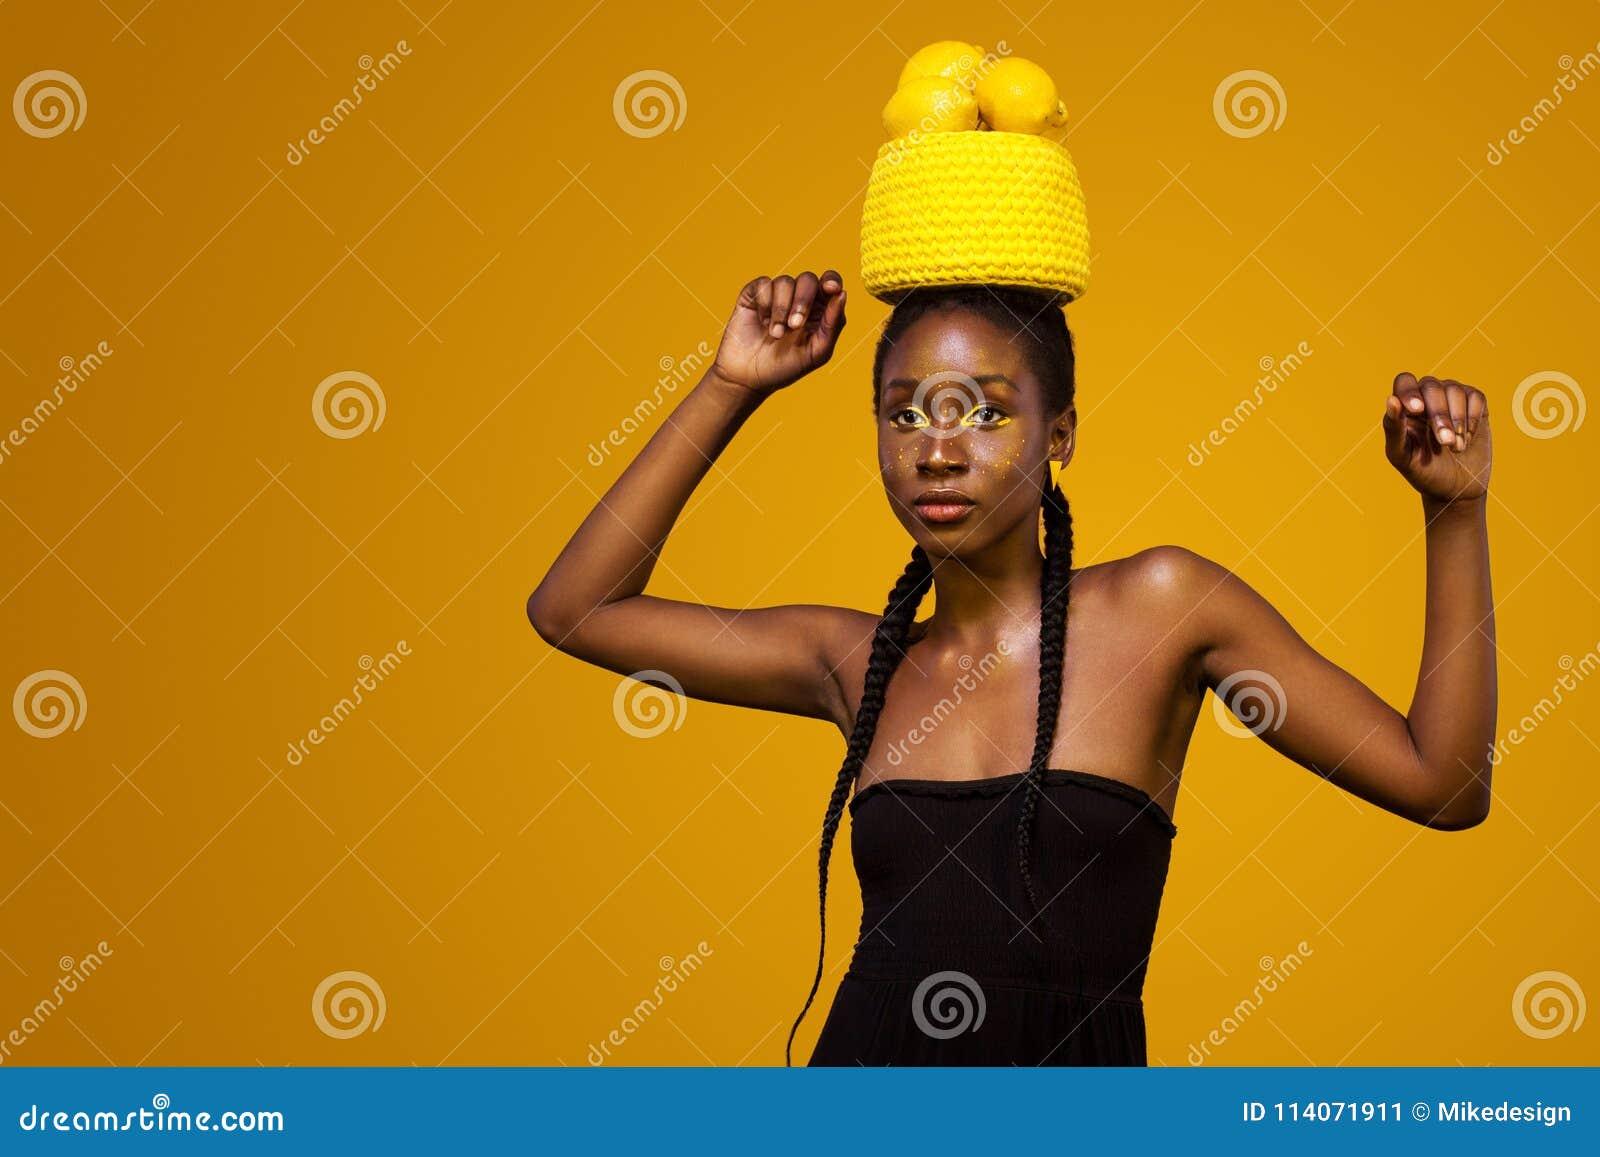 Giovane donna africana allegra con trucco giallo su lei occhi Modello femminile contro fondo giallo con i limoni gialli